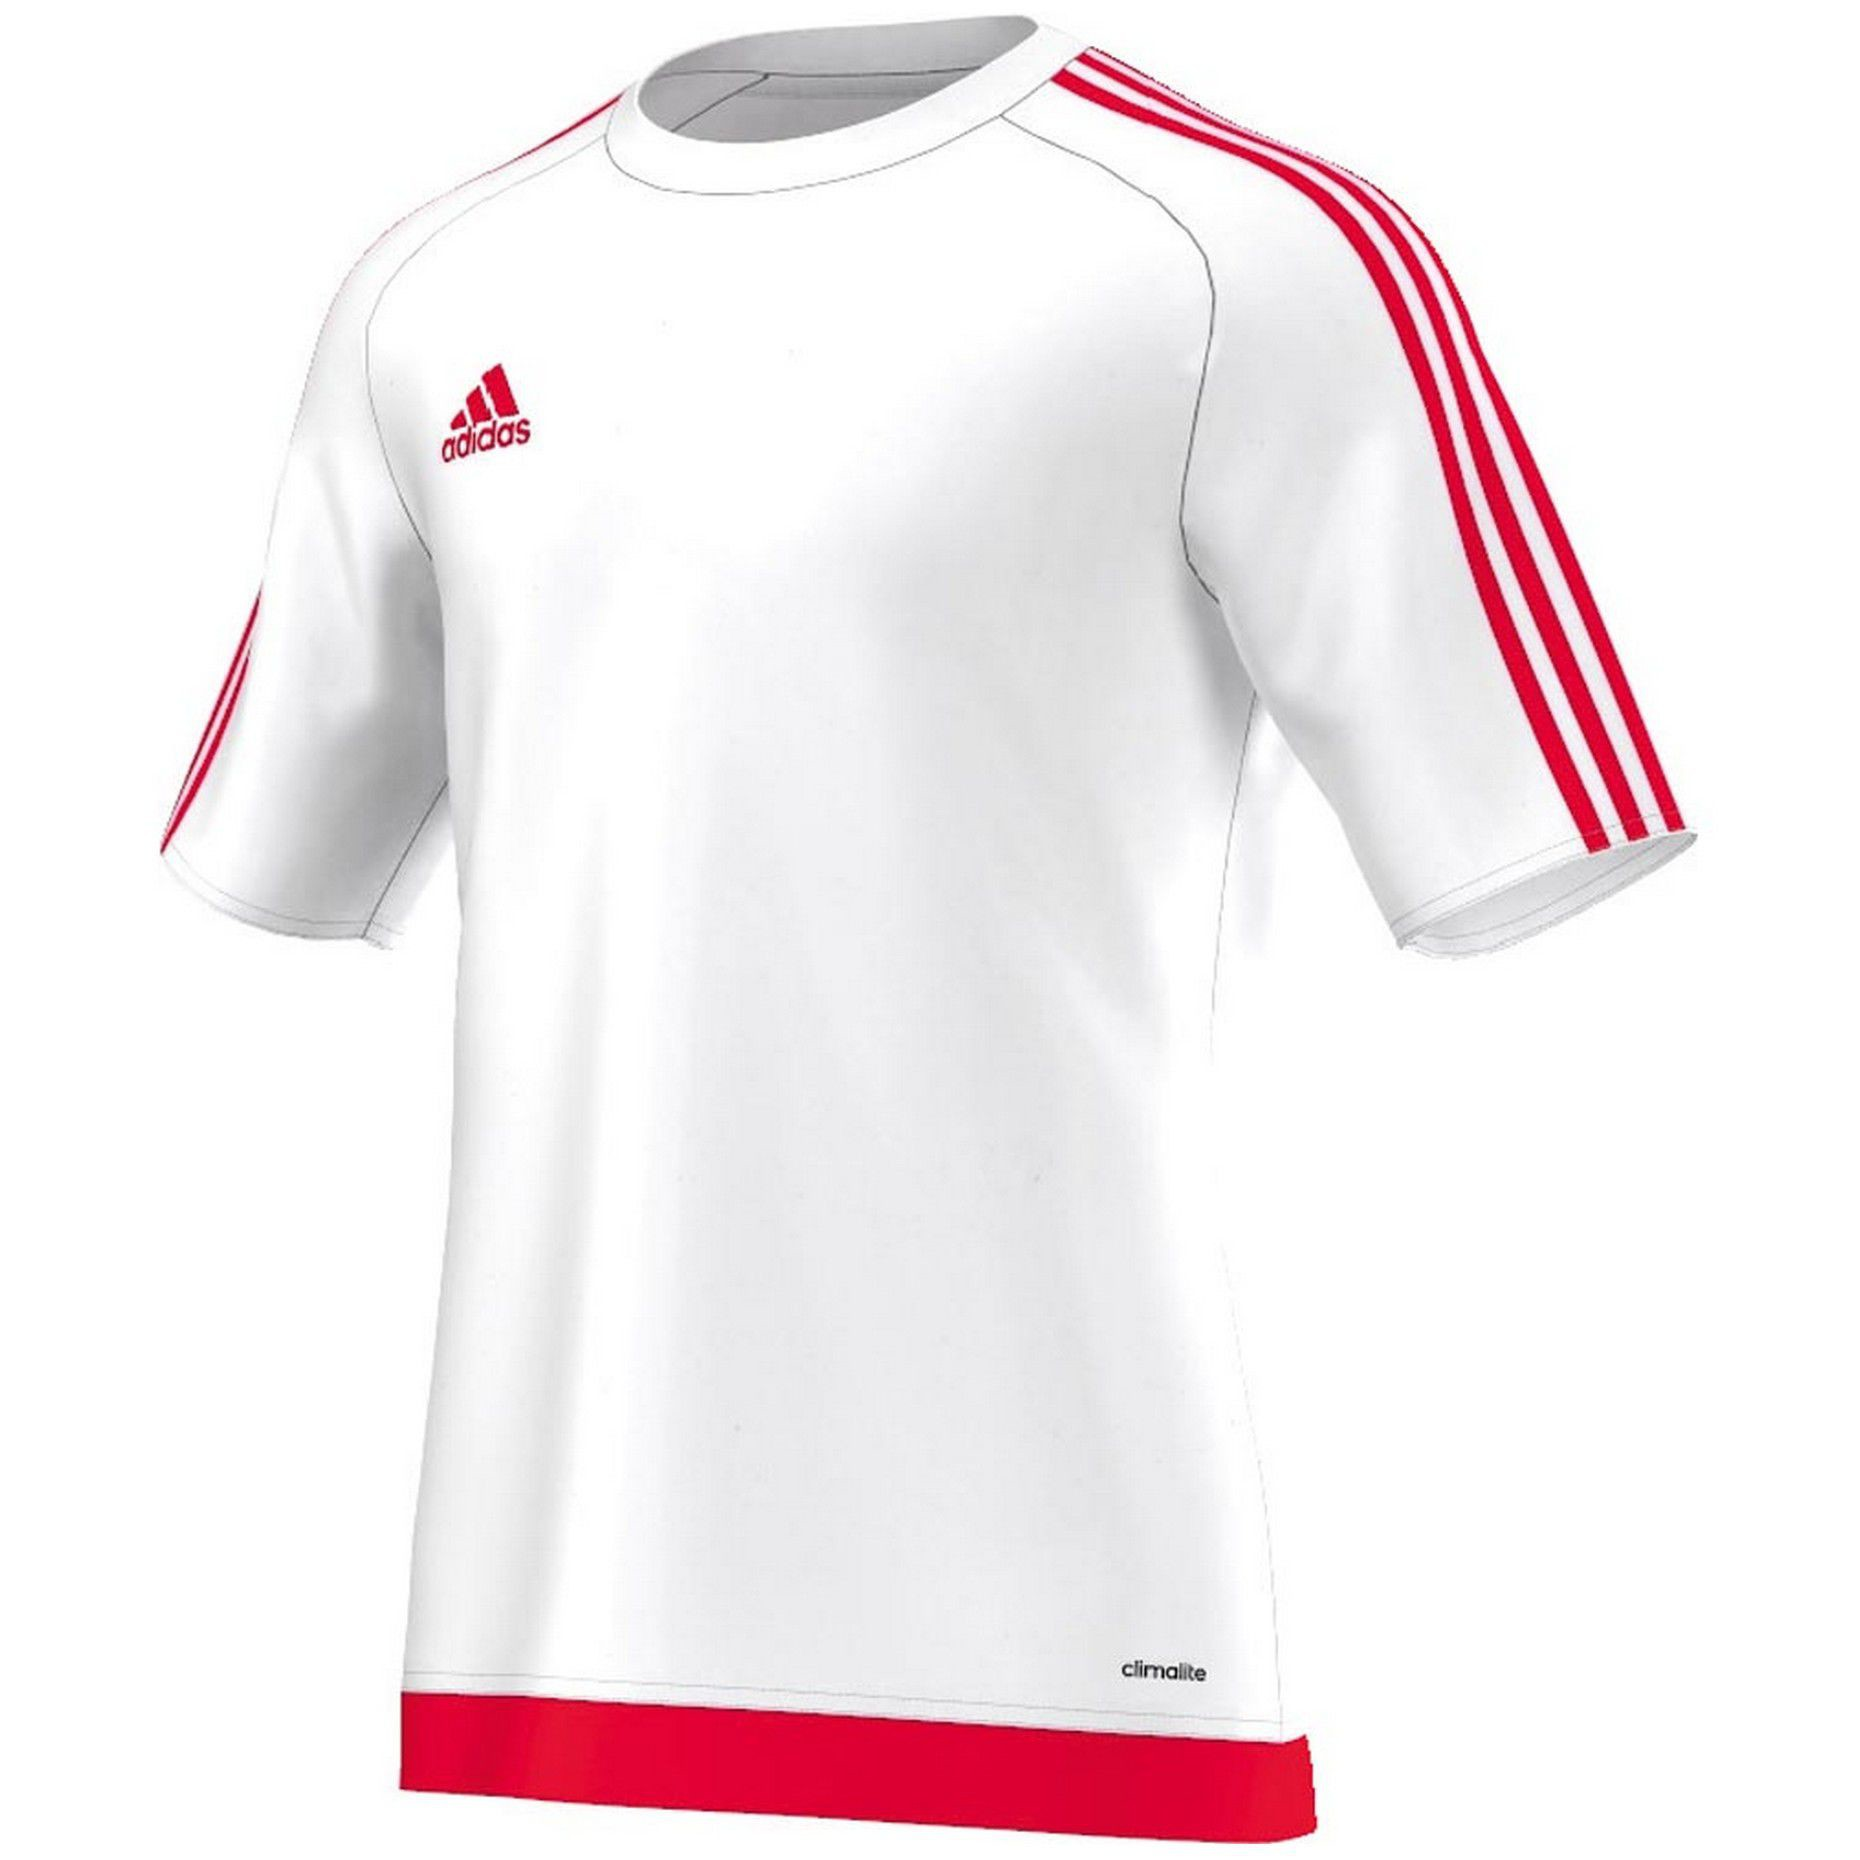 Adidas Estro 15 S16166